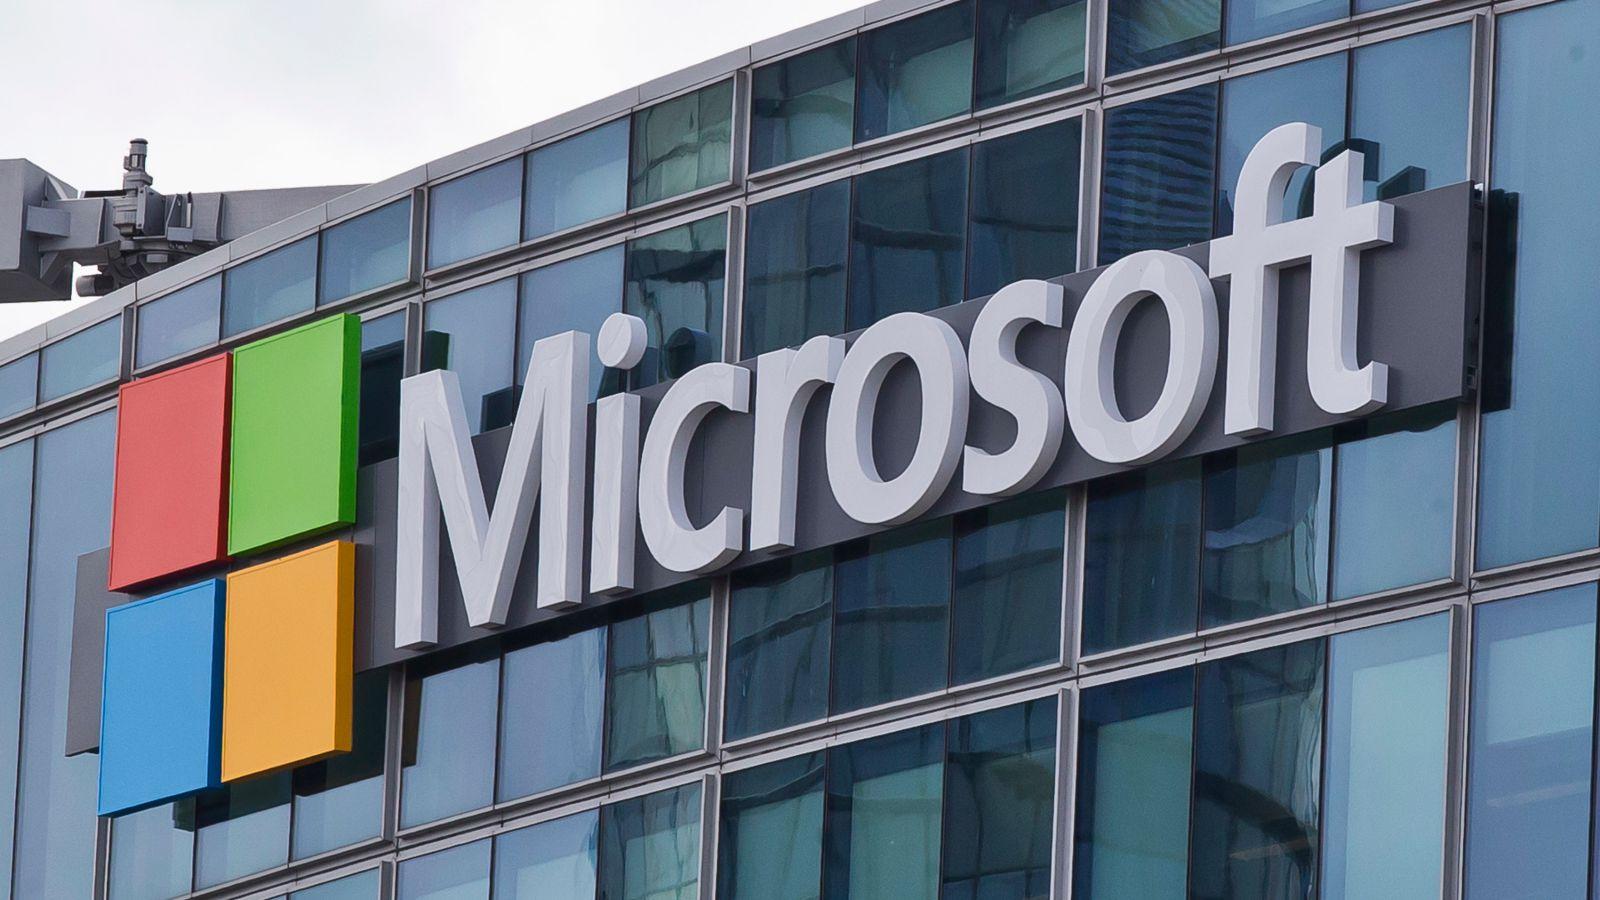 Двое британцев арестованы по подозрению во взломе сети Microsoft